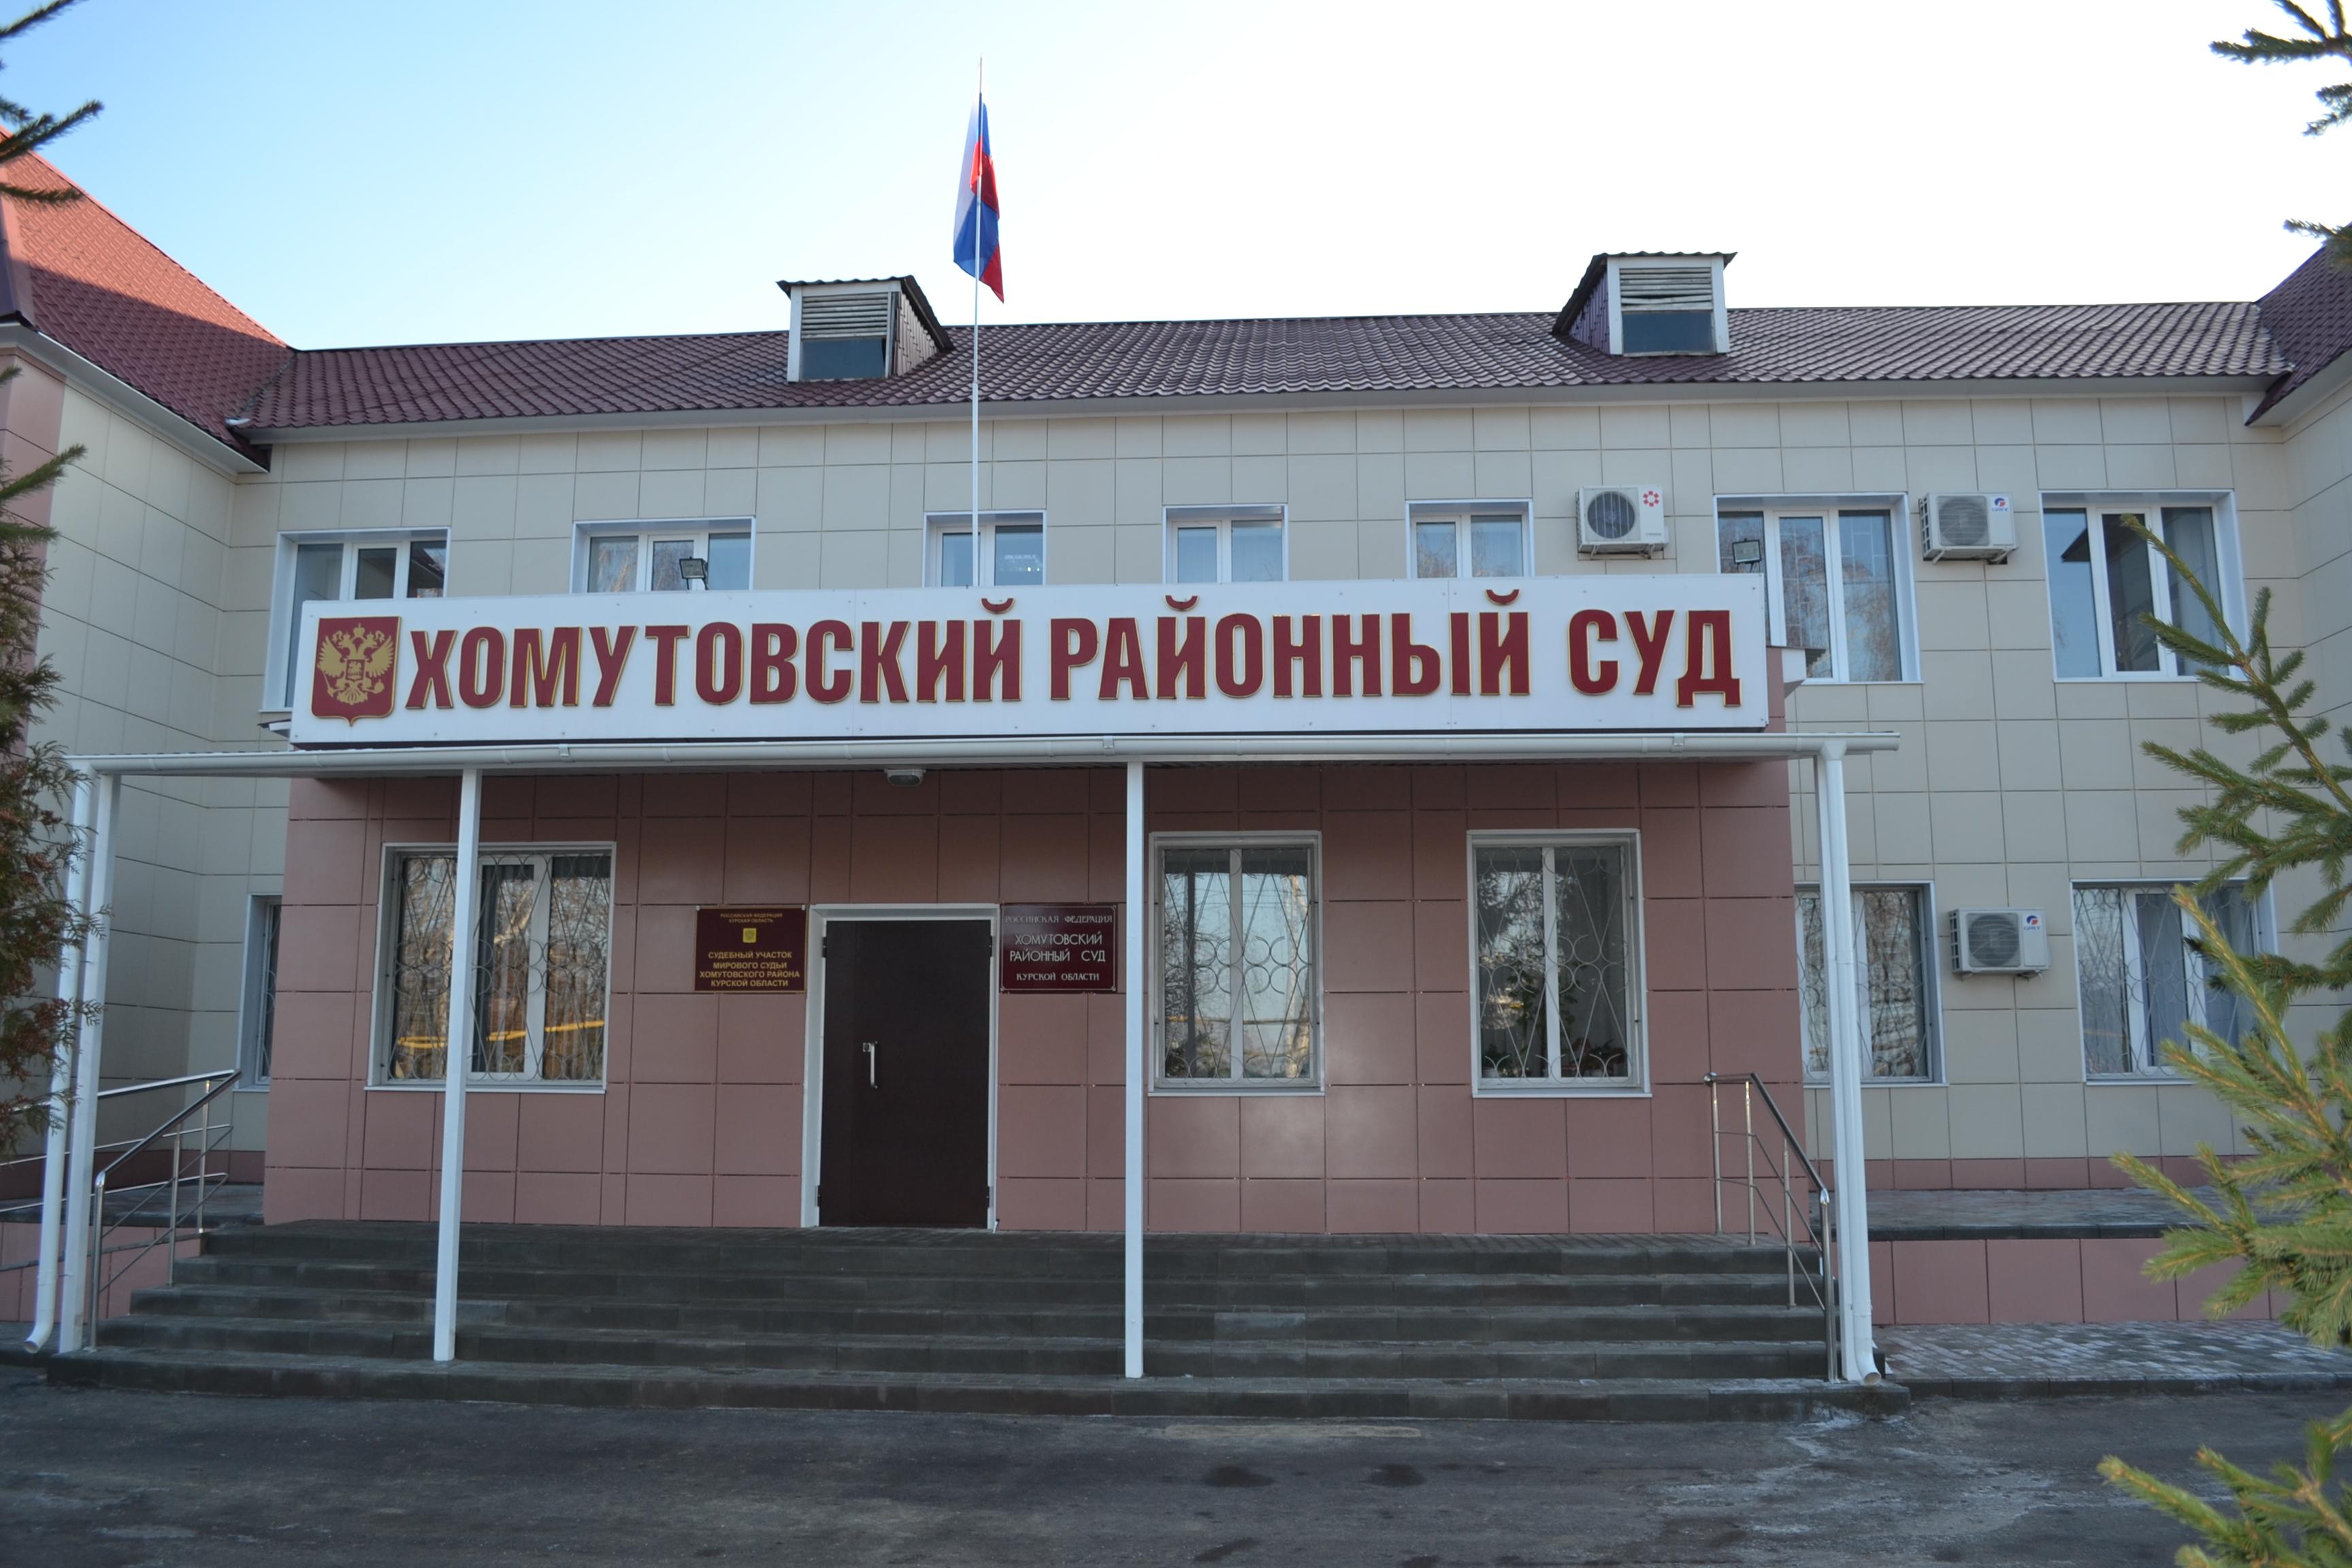 Хомутовский районный суд